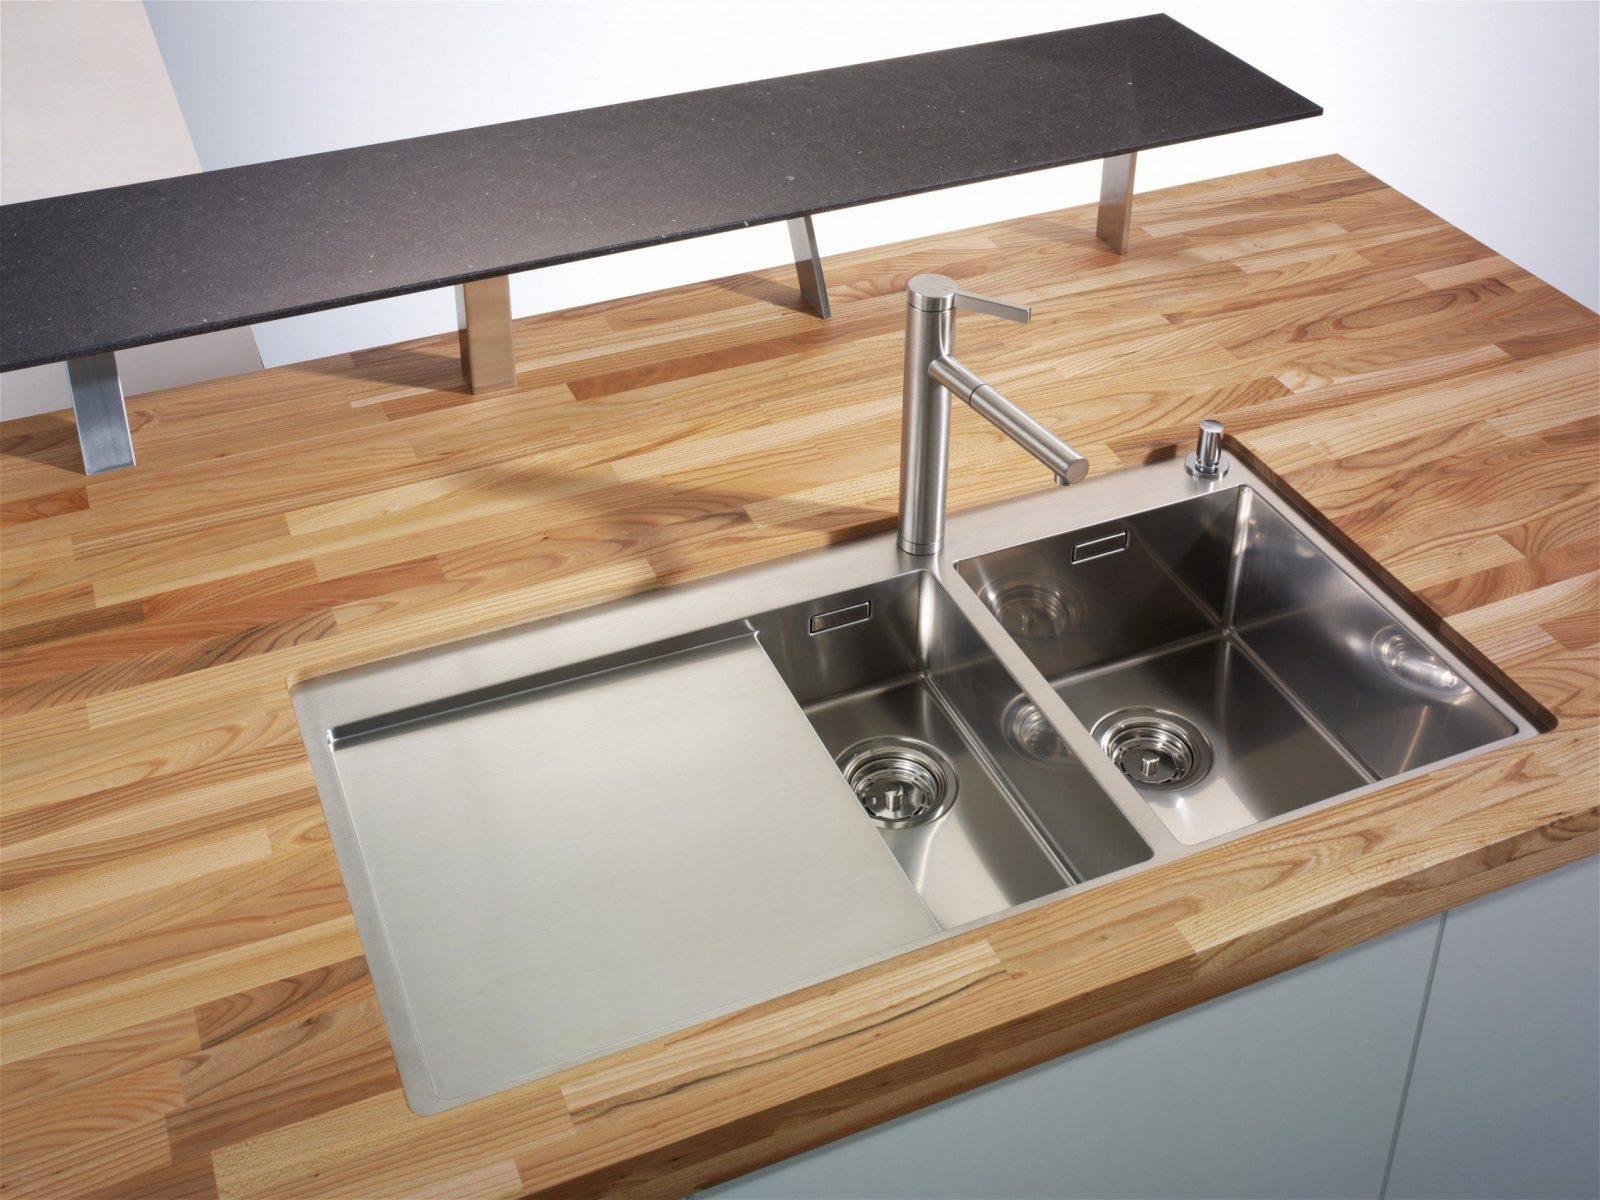 K chenarbeitsplatte 70 cm breit haus design ideen for Arbeitsplatte 70 tief